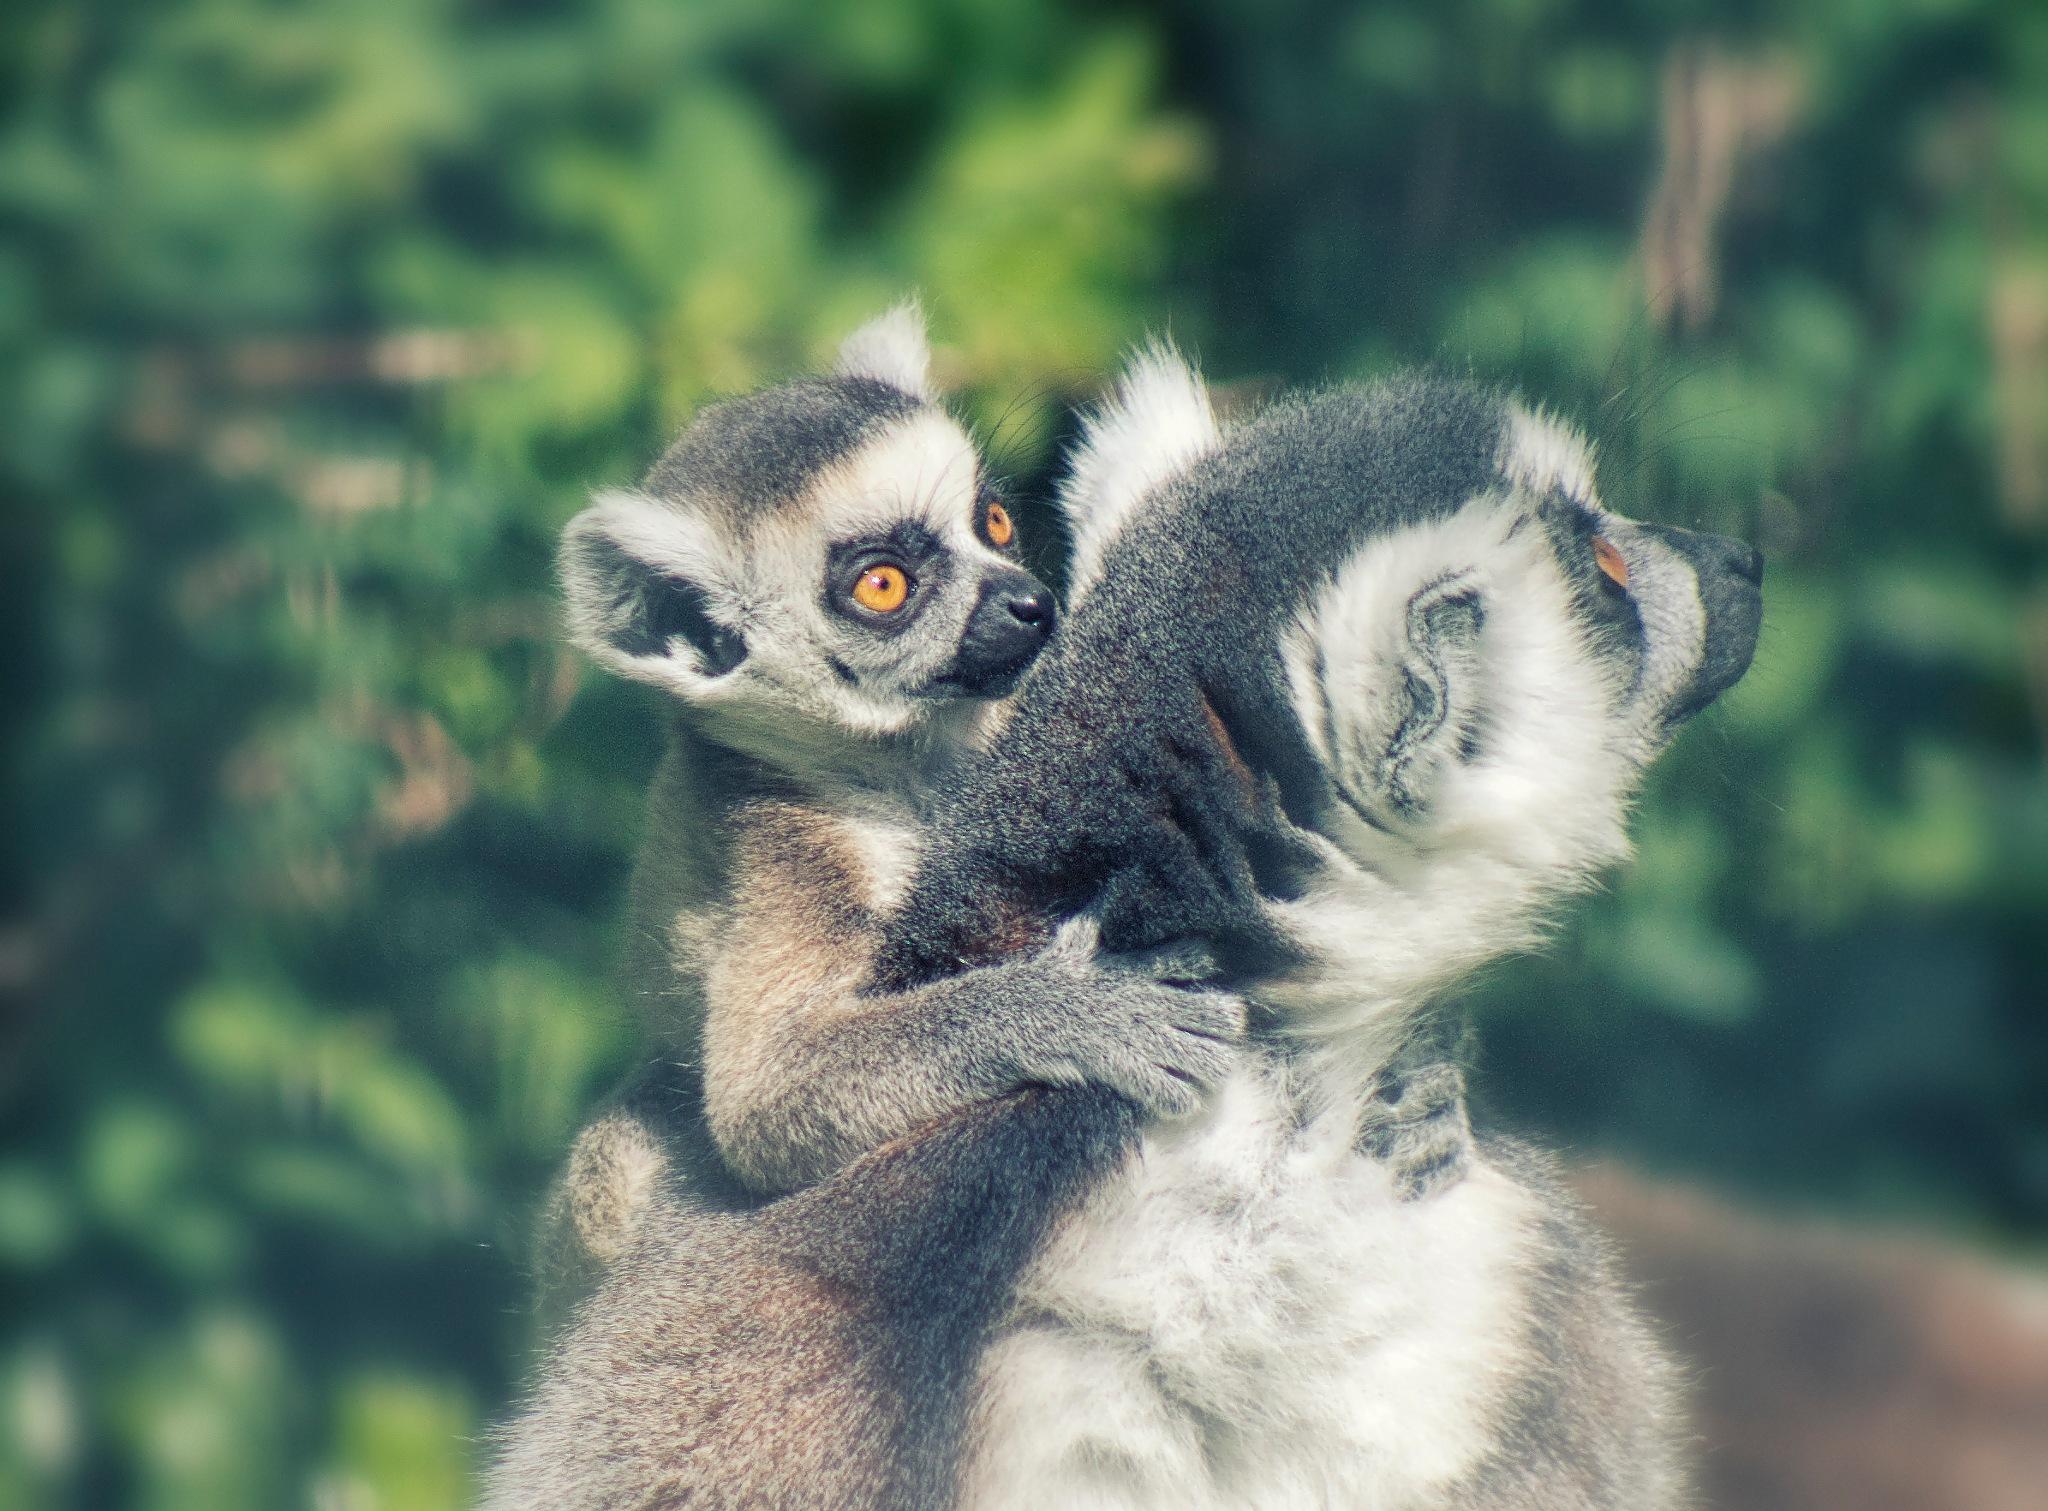 Lemurs by Henrik T. Sørensen